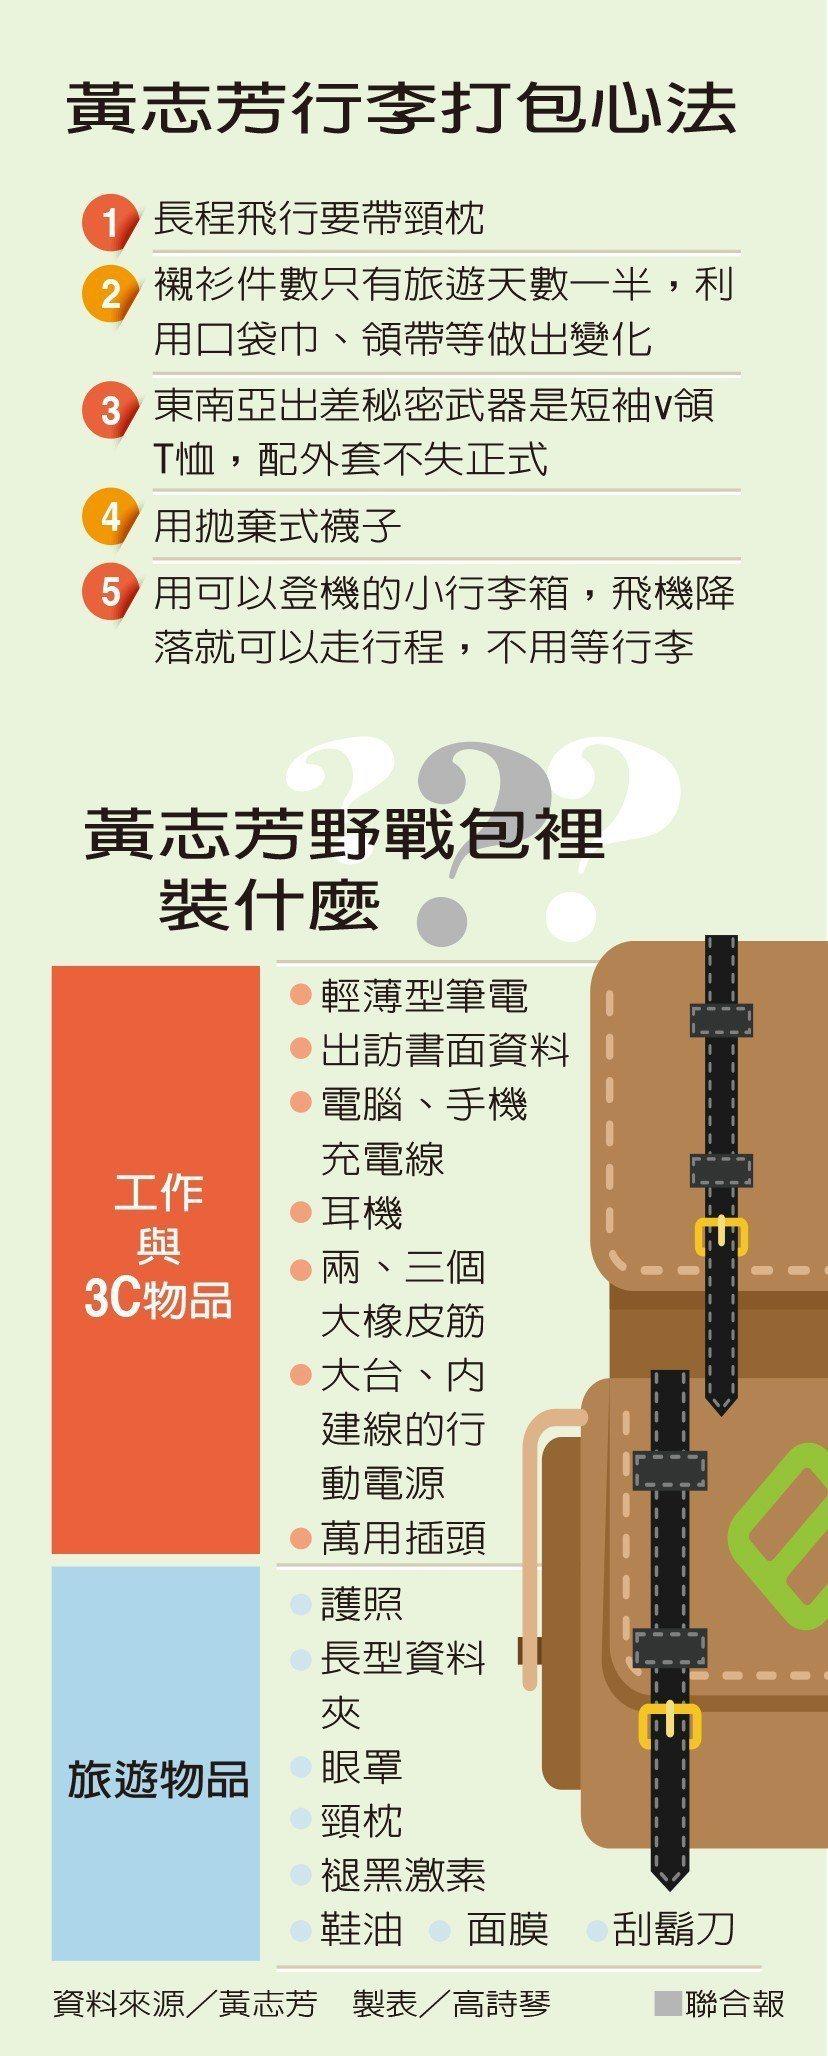 打開貿協董事長黃志芳的「野戰包」 海外出差都靠它